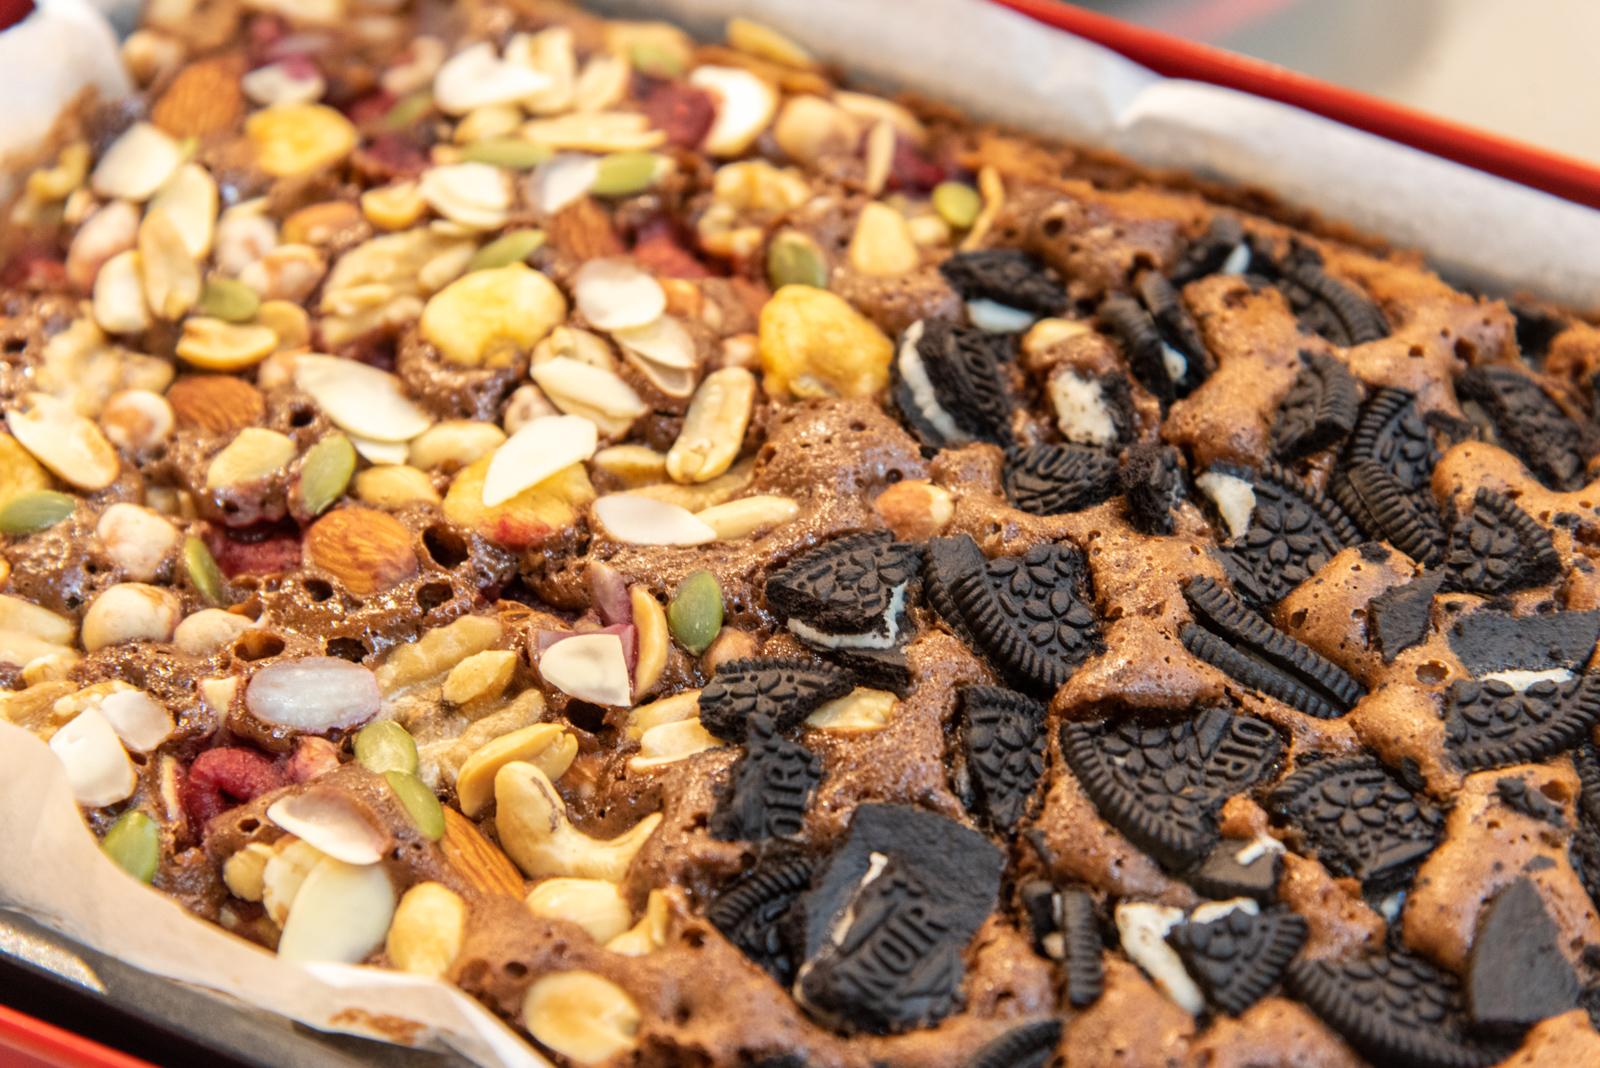 ブラウニーやドーナッツ、フレンチトーストも!BRUNOのホットプレートを使ったおすすめスイーツレシピ特集